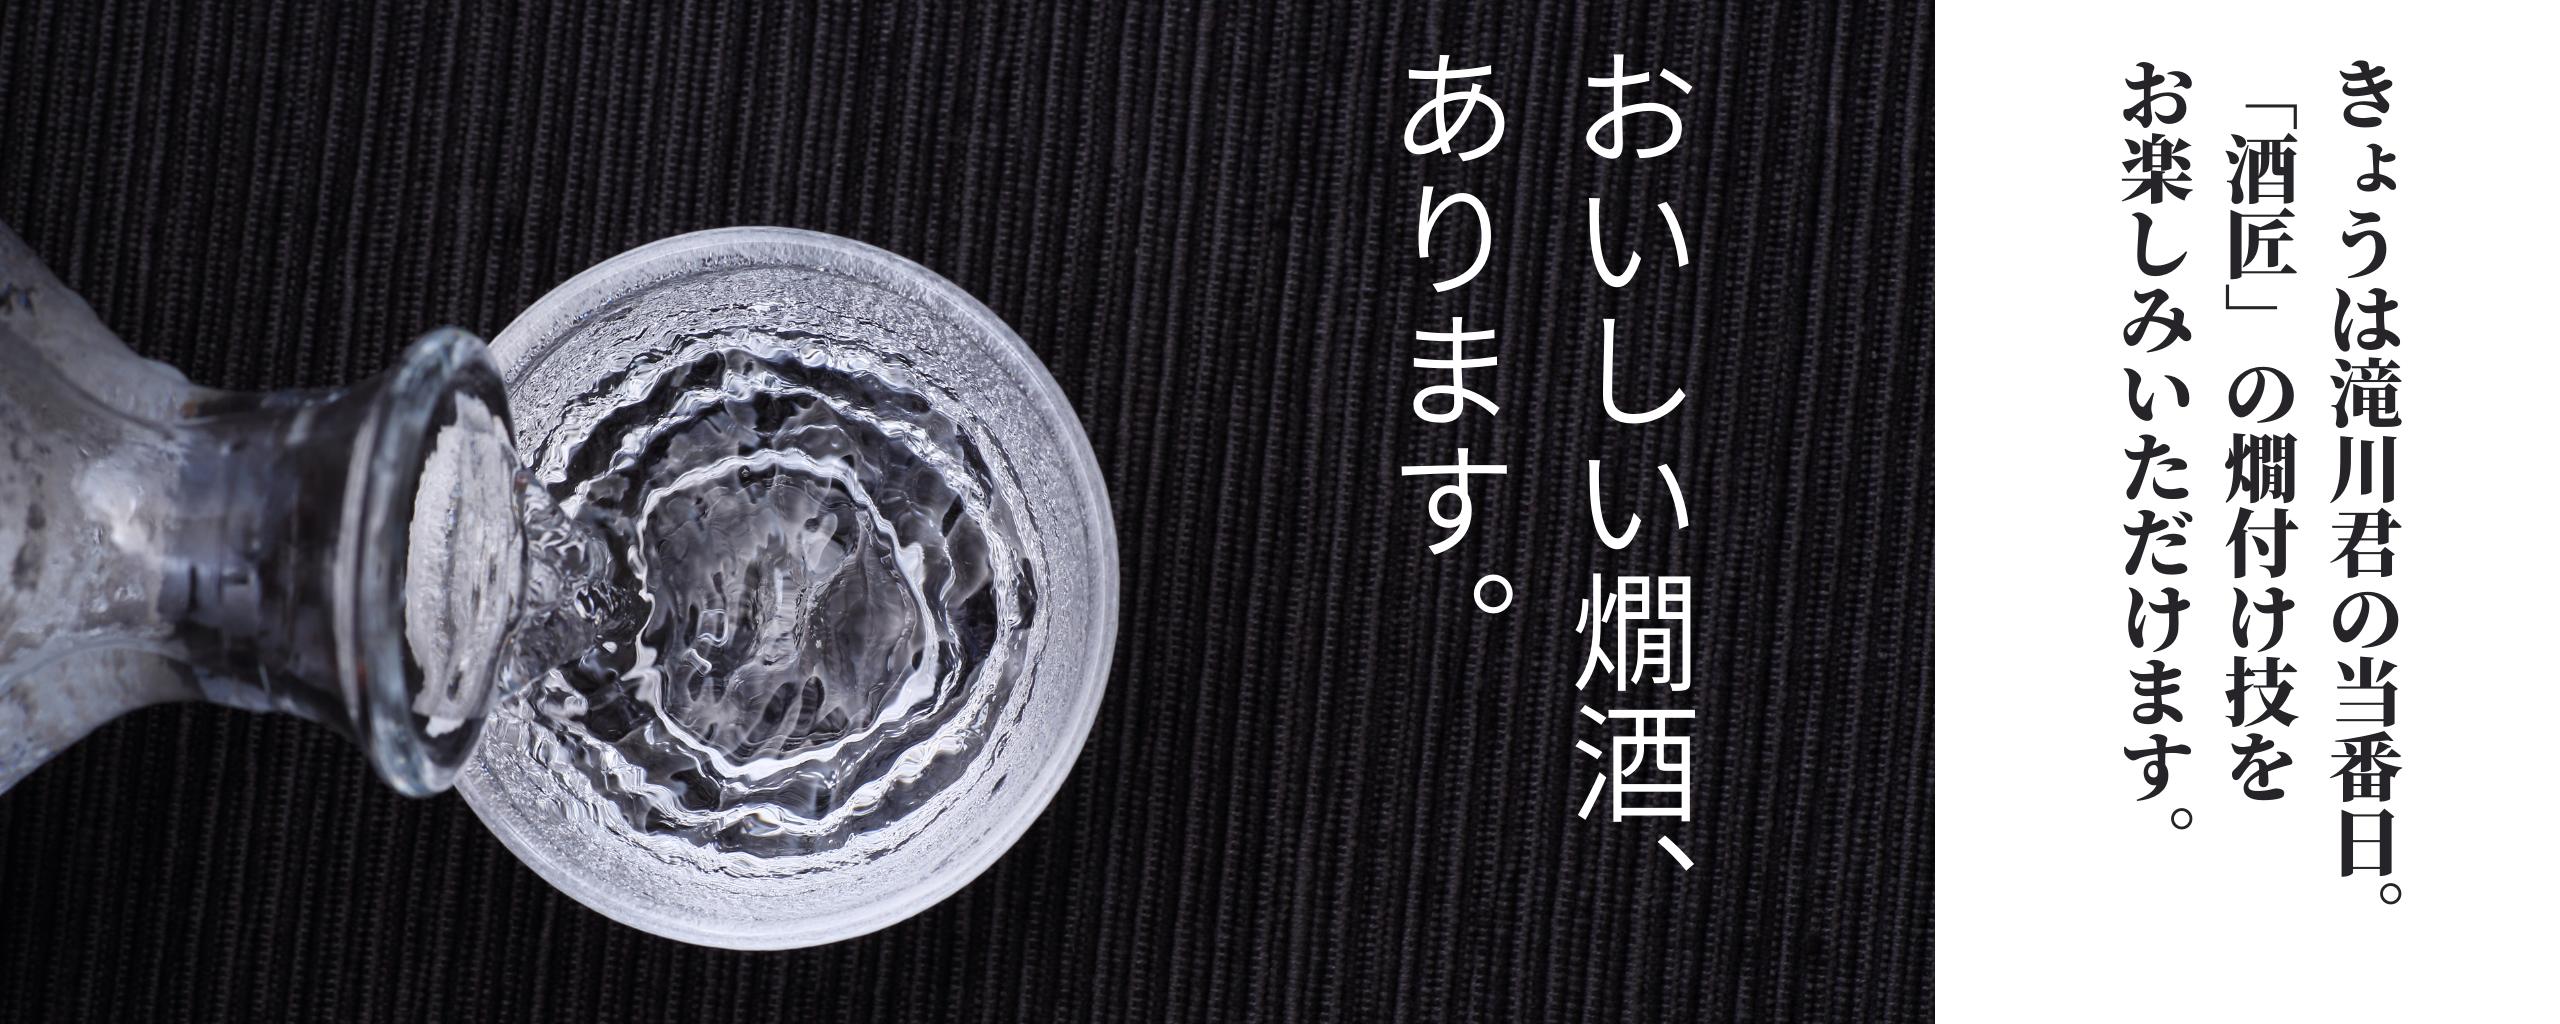 酒匠・滝川流燗酒